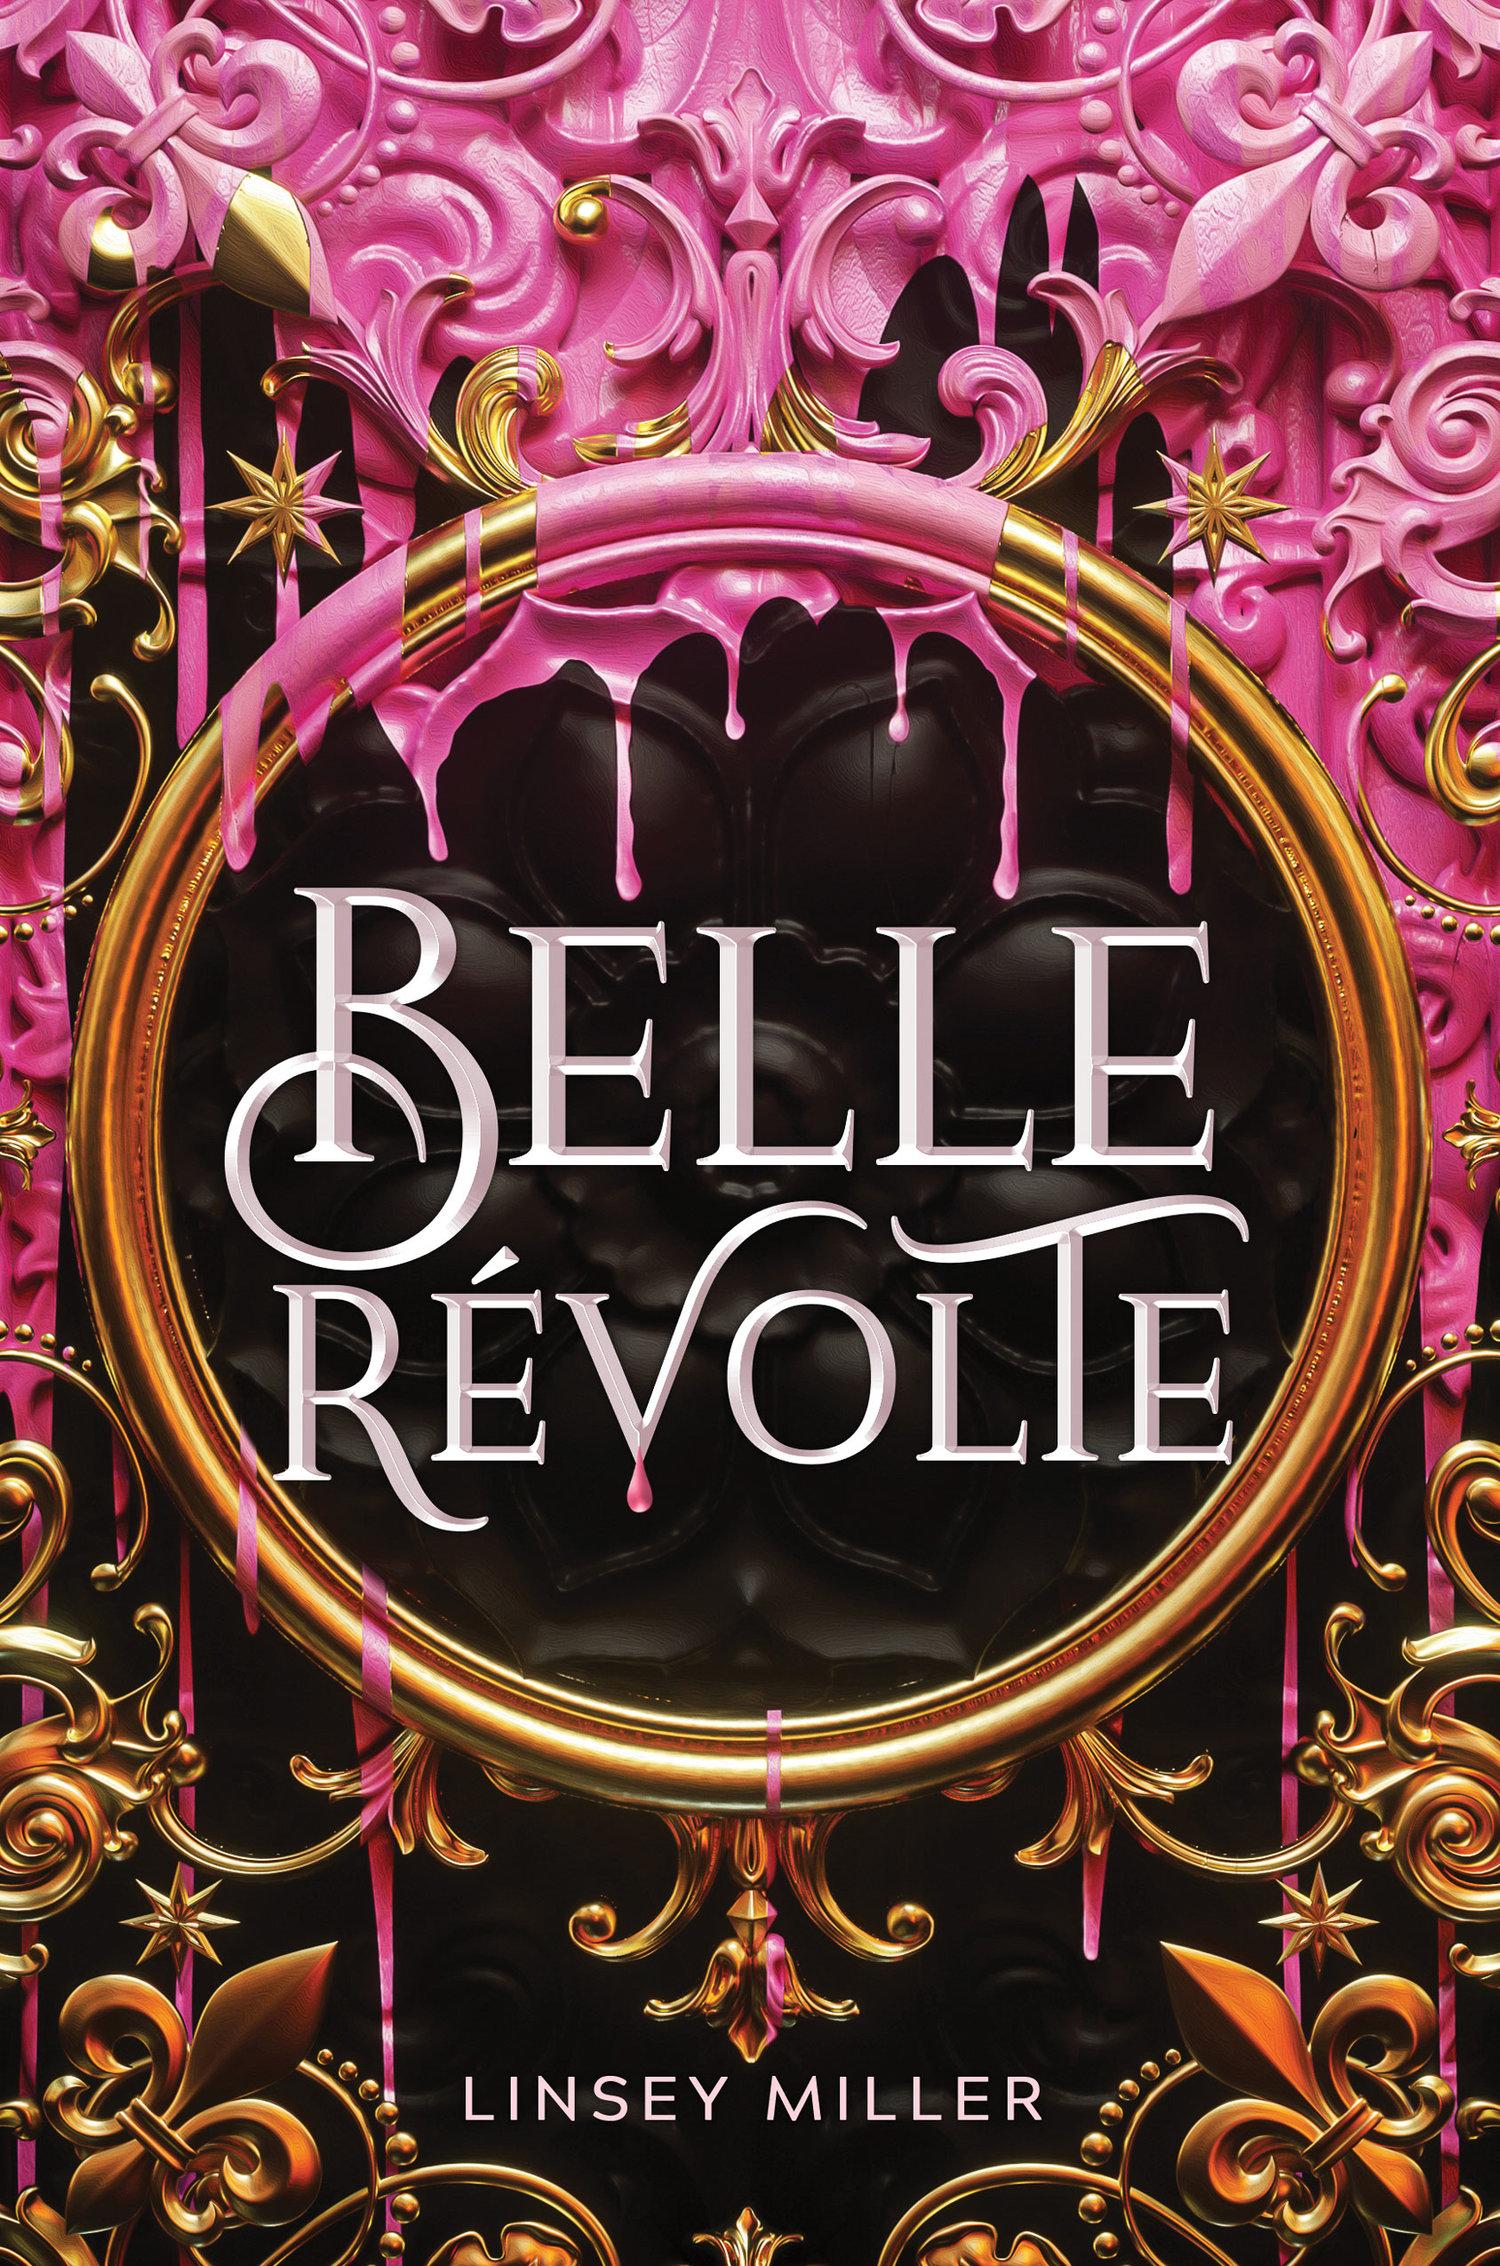 Belle Revolte - Linsey Miller